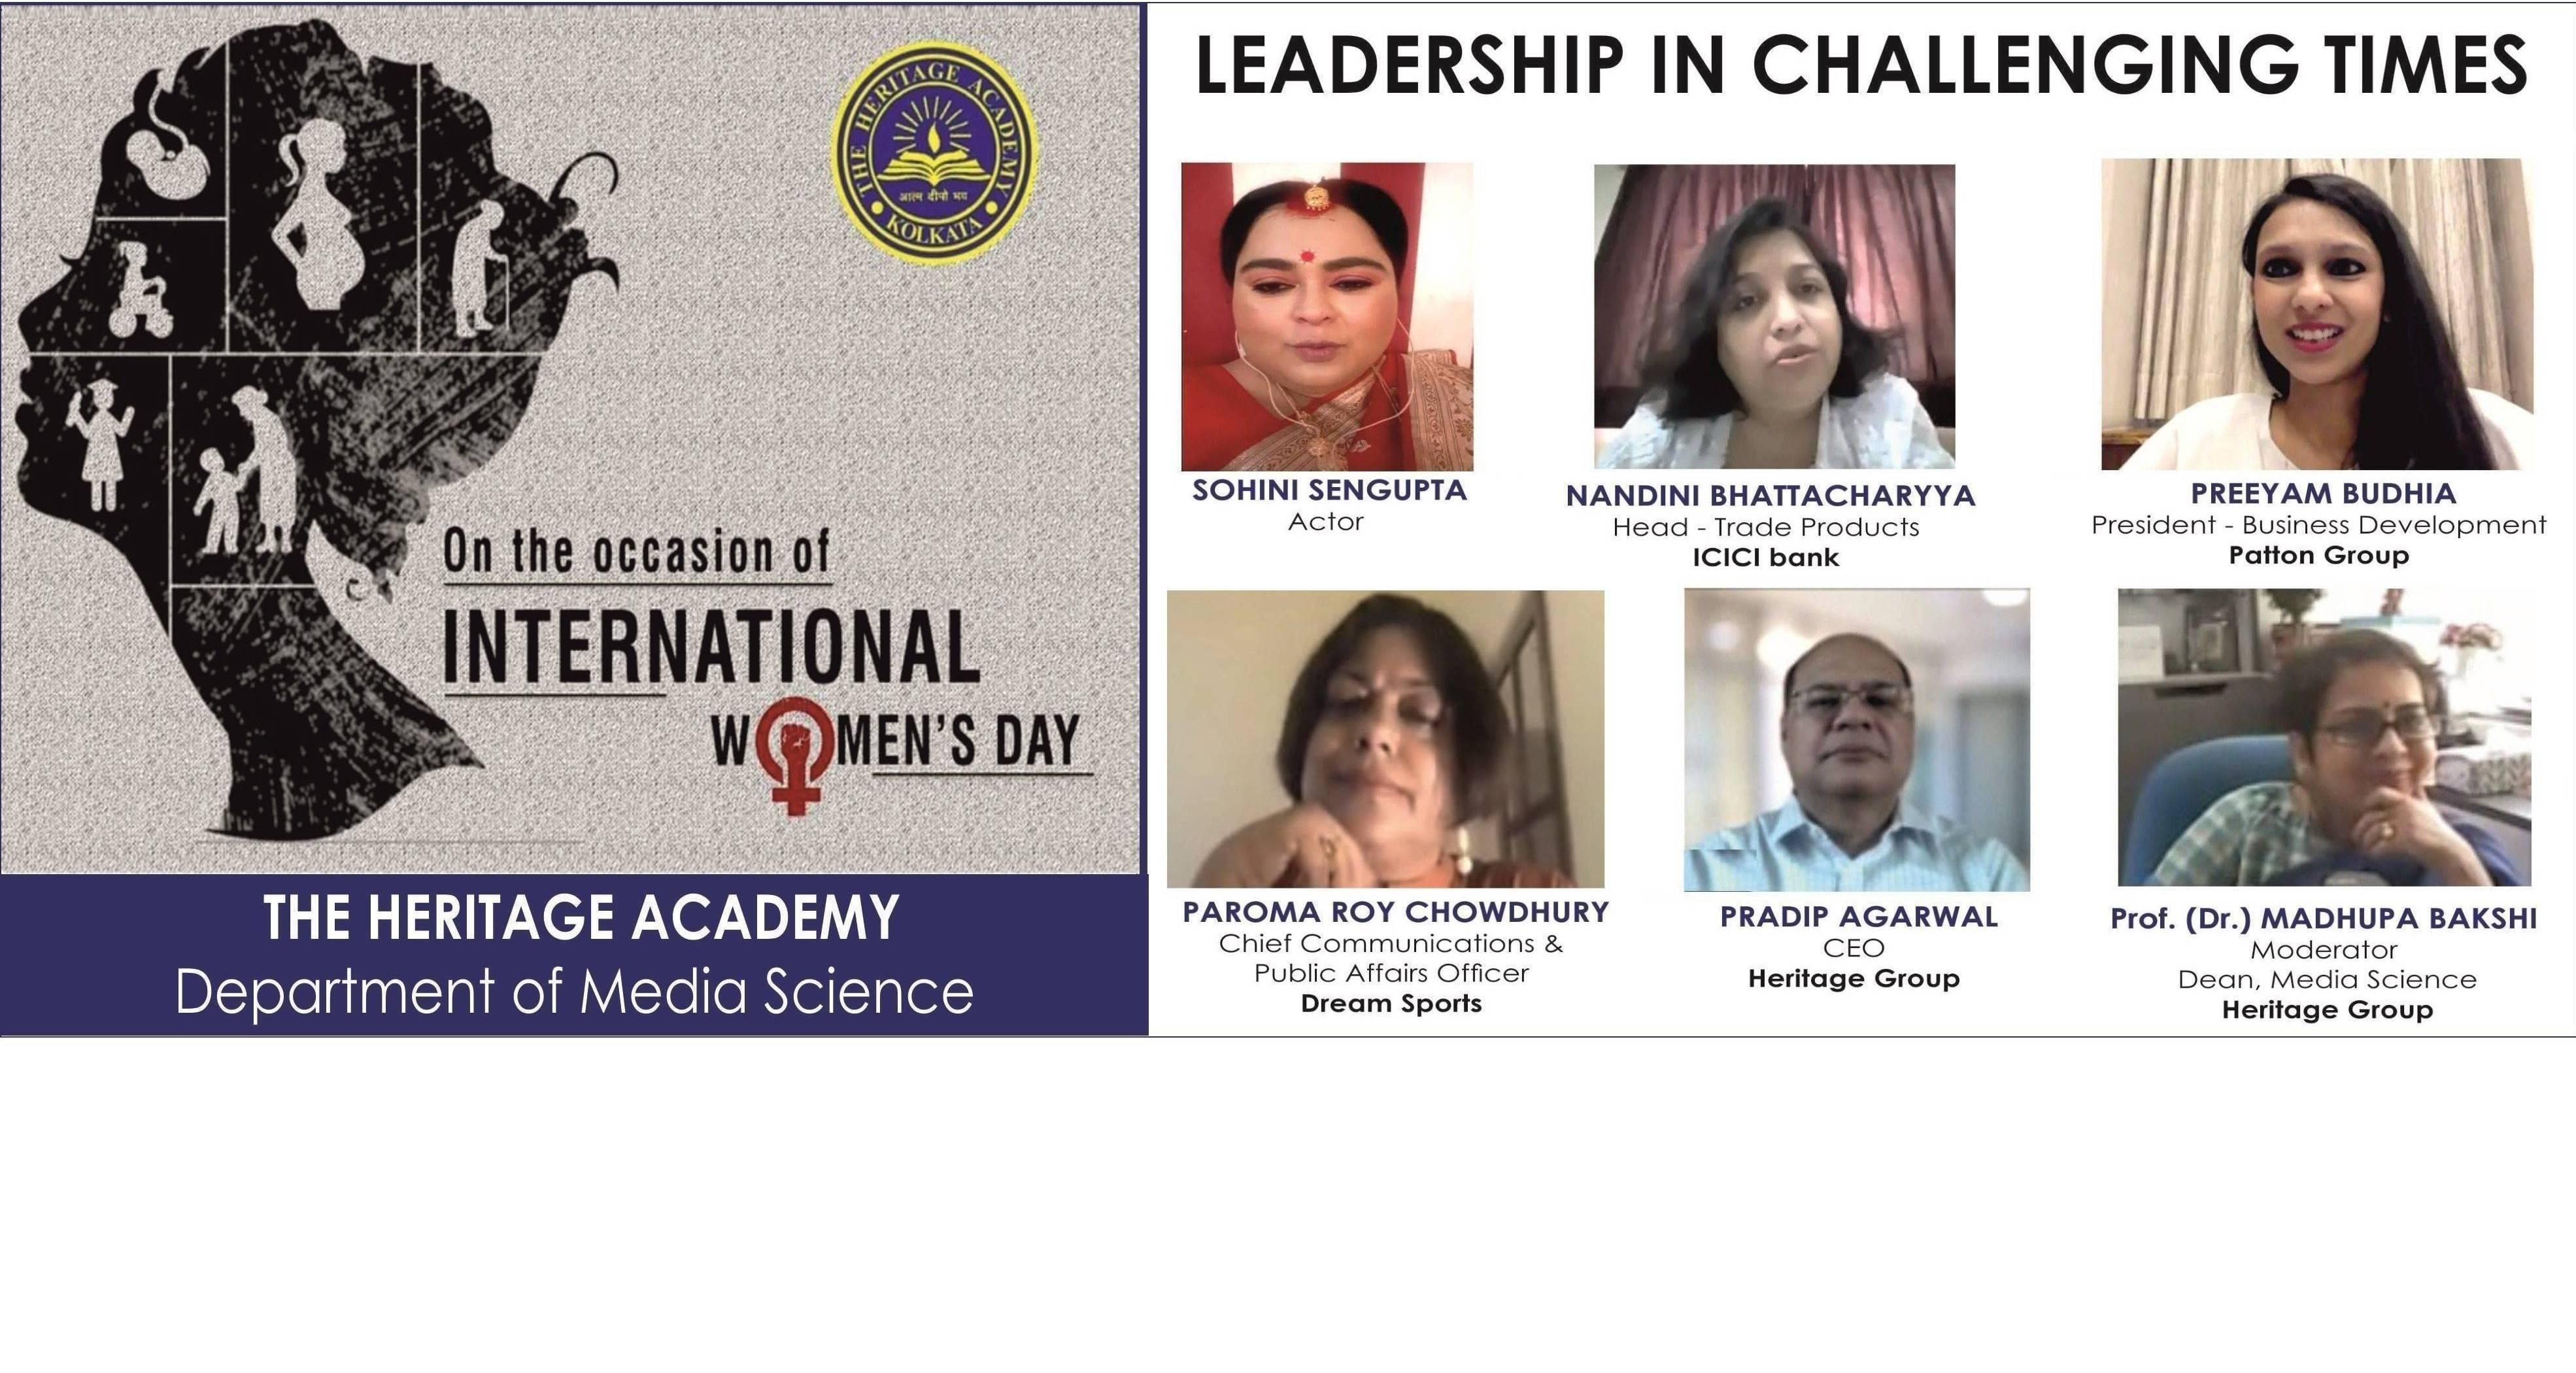 Preeyam Budhia Speaking on 'Leadership in Challenging Times'